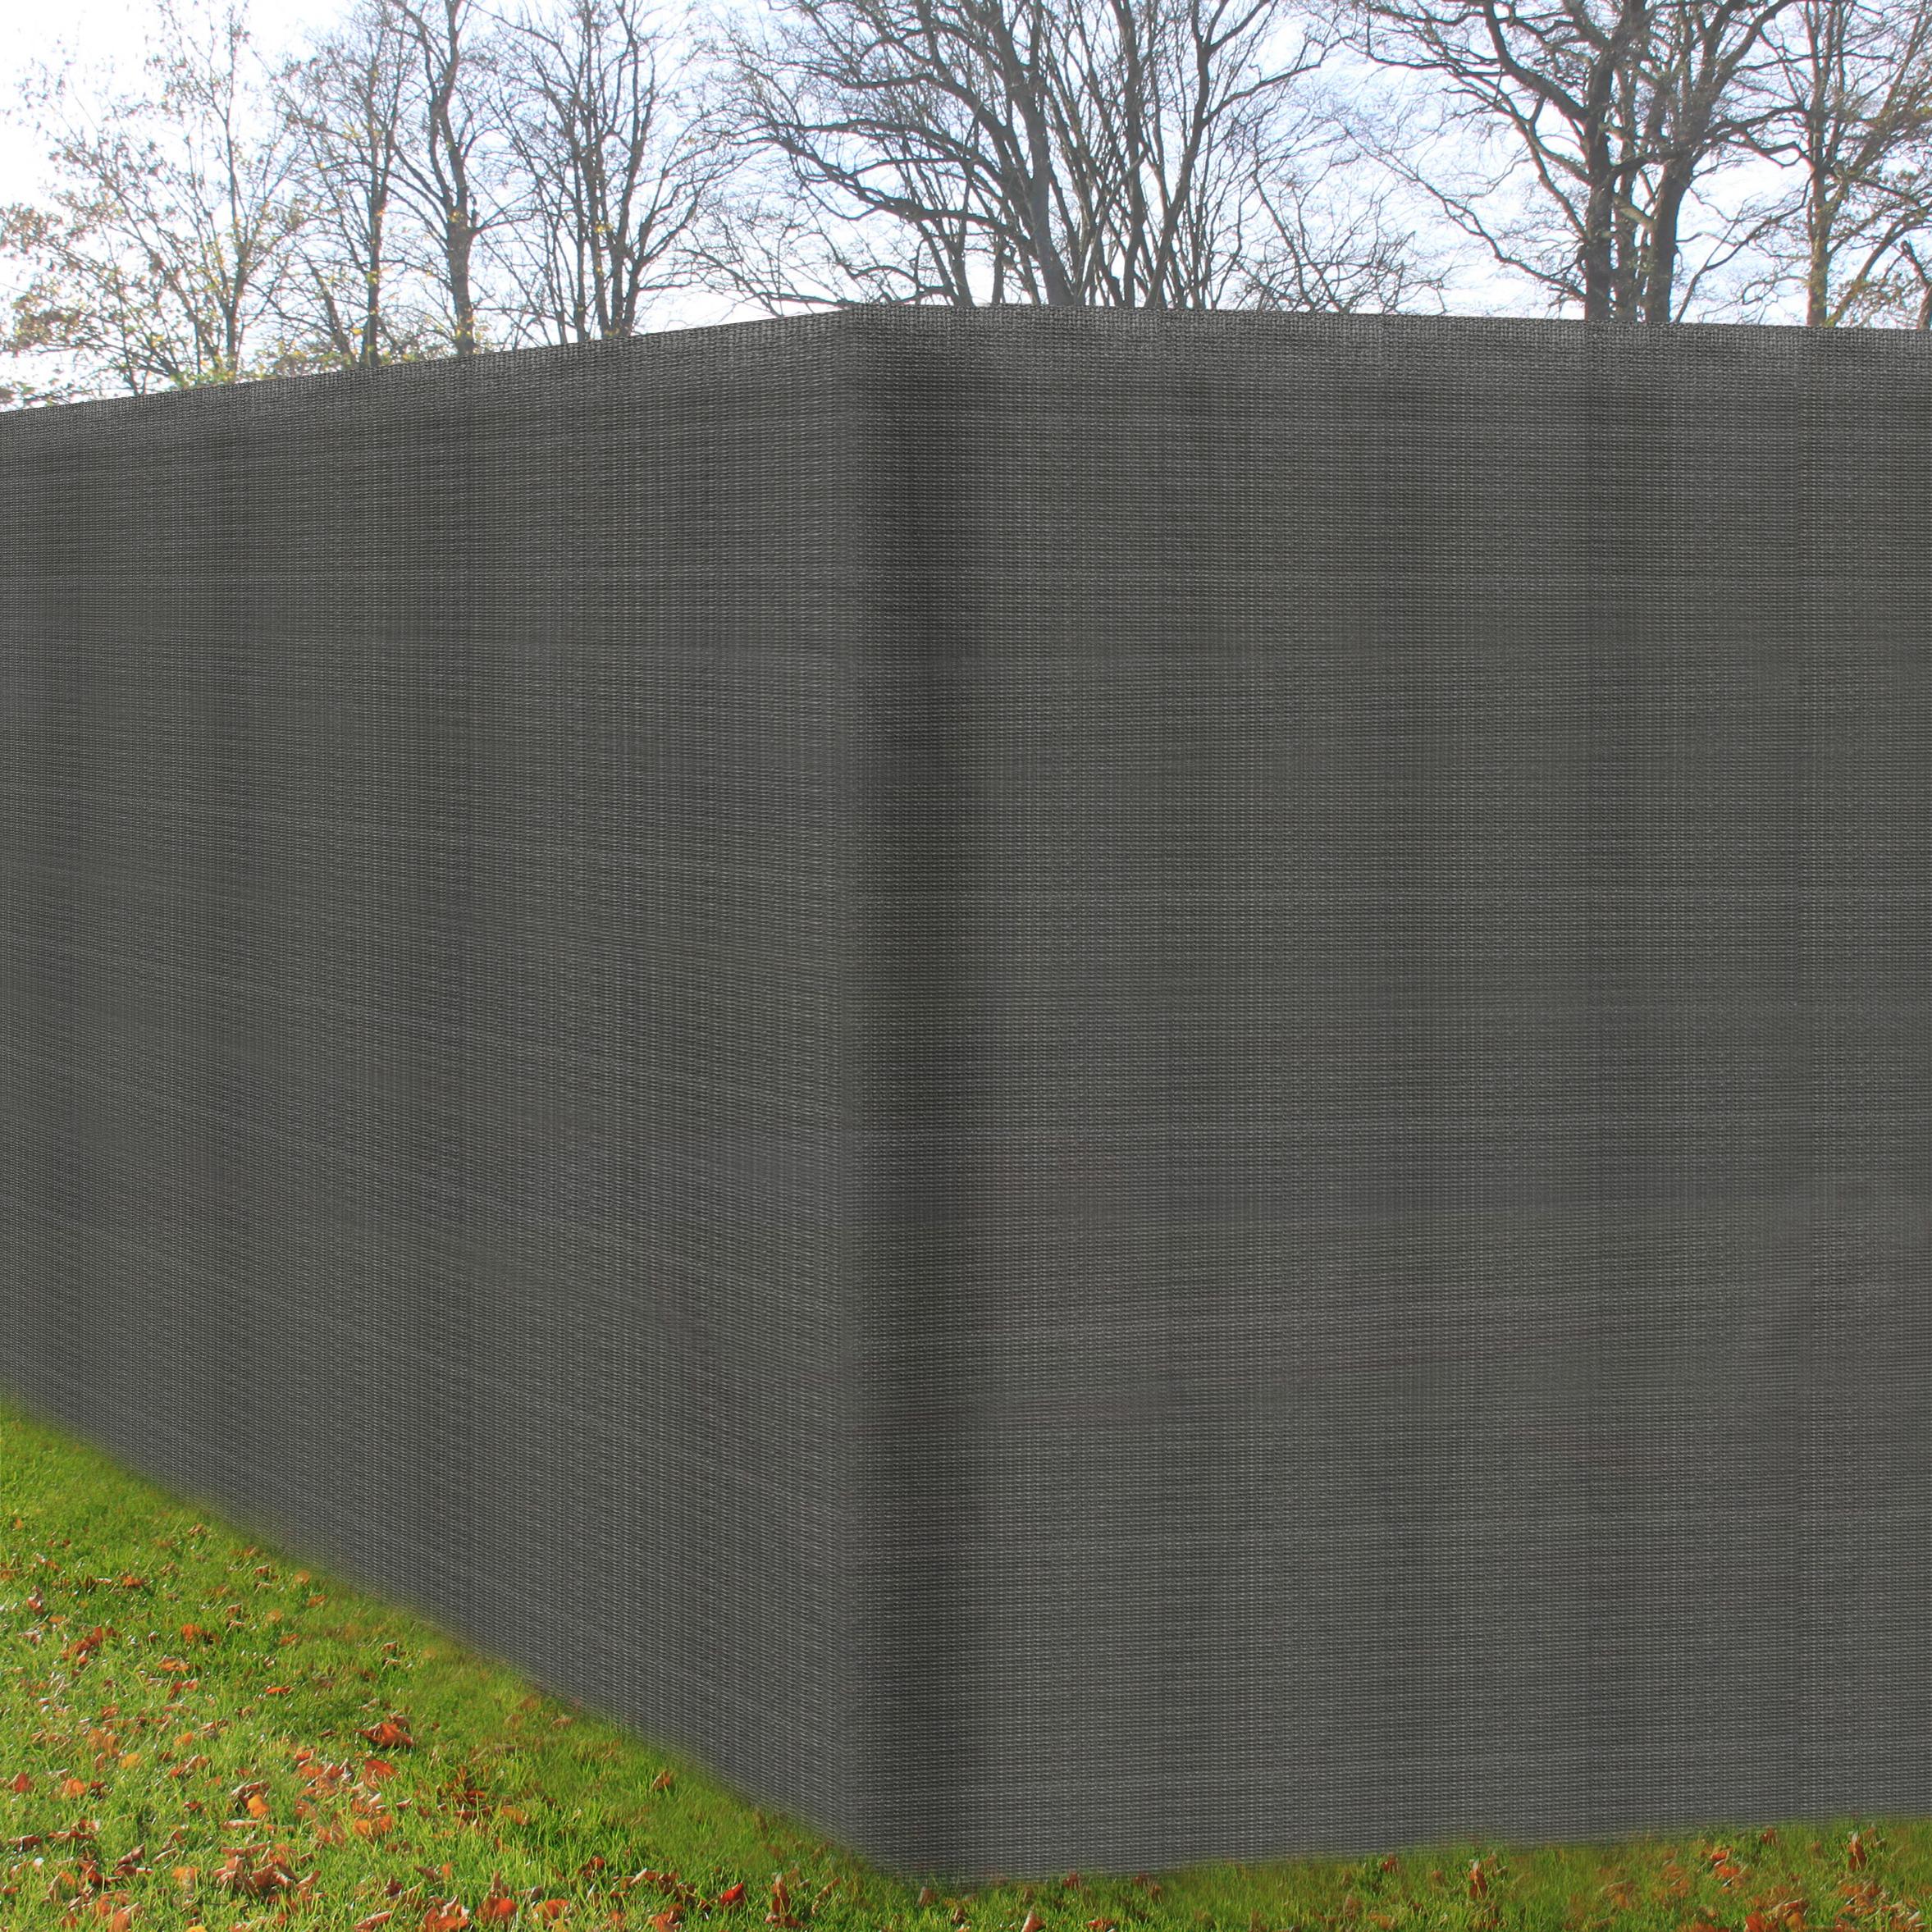 Sichtschutz Zaun 500x180 Zaunblende Windschutz Sichtschutzzaun